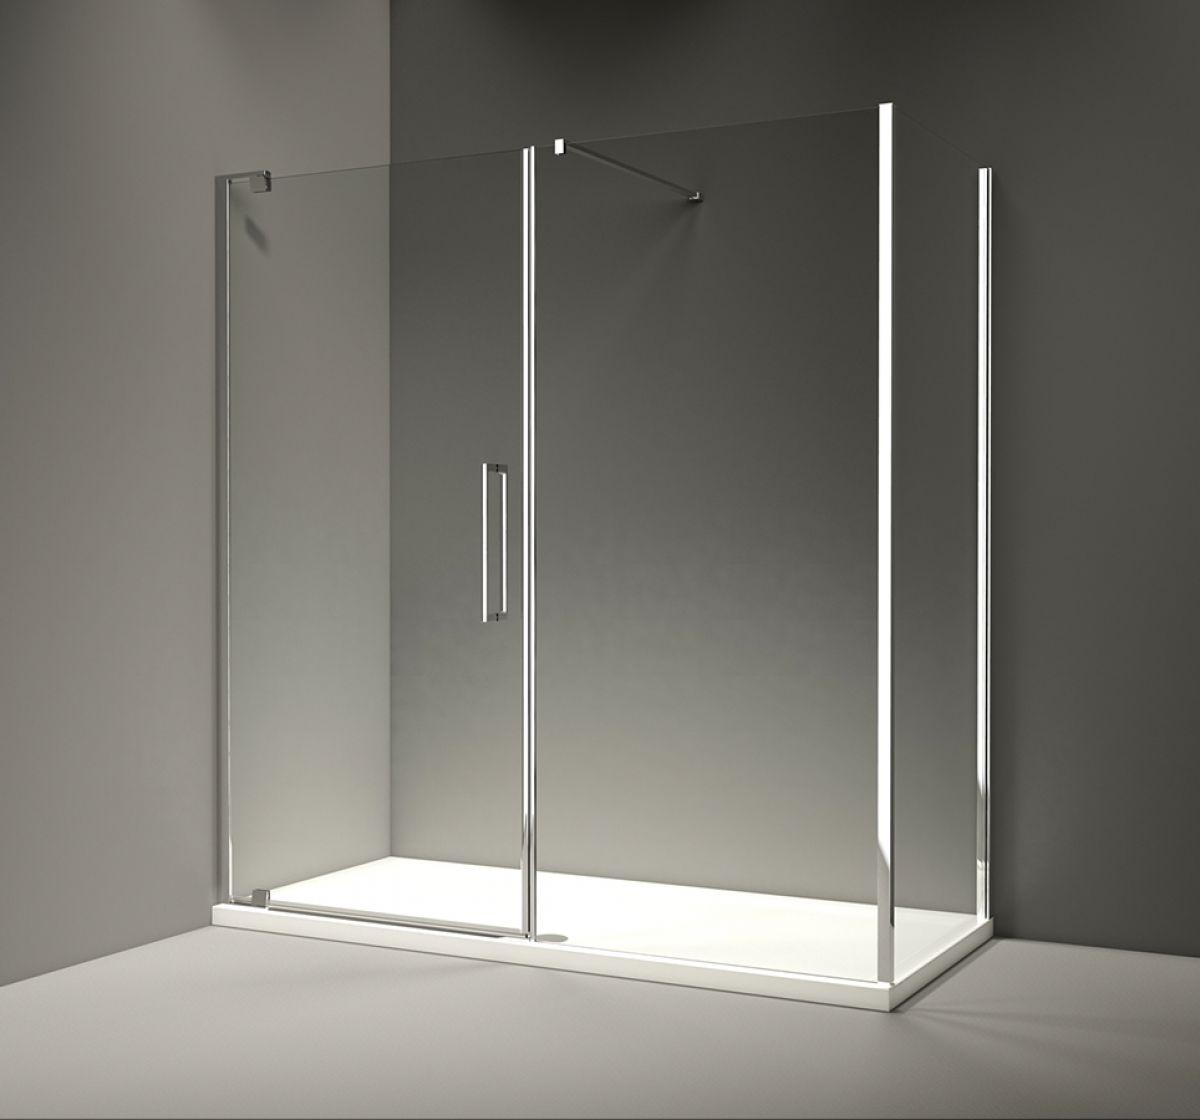 Merlyn series 10 pivot shower door and inline panel uk for 1200 pivot shower door